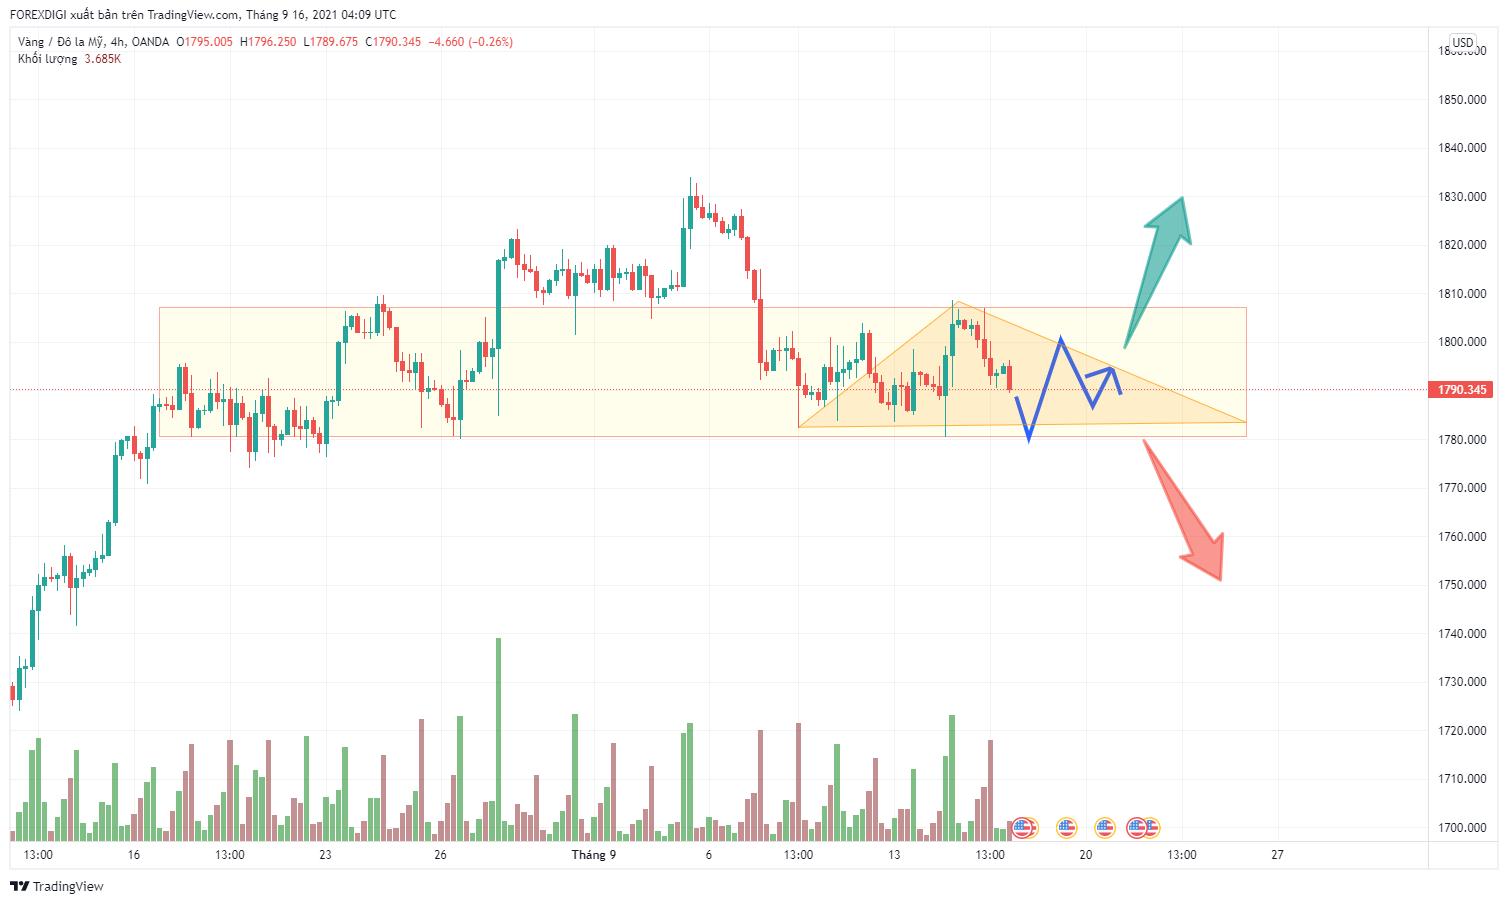 Phân tích giá XAU/USD: ưu tiên giao dịch theo xu hướng Break Out khỏi vùng sideway